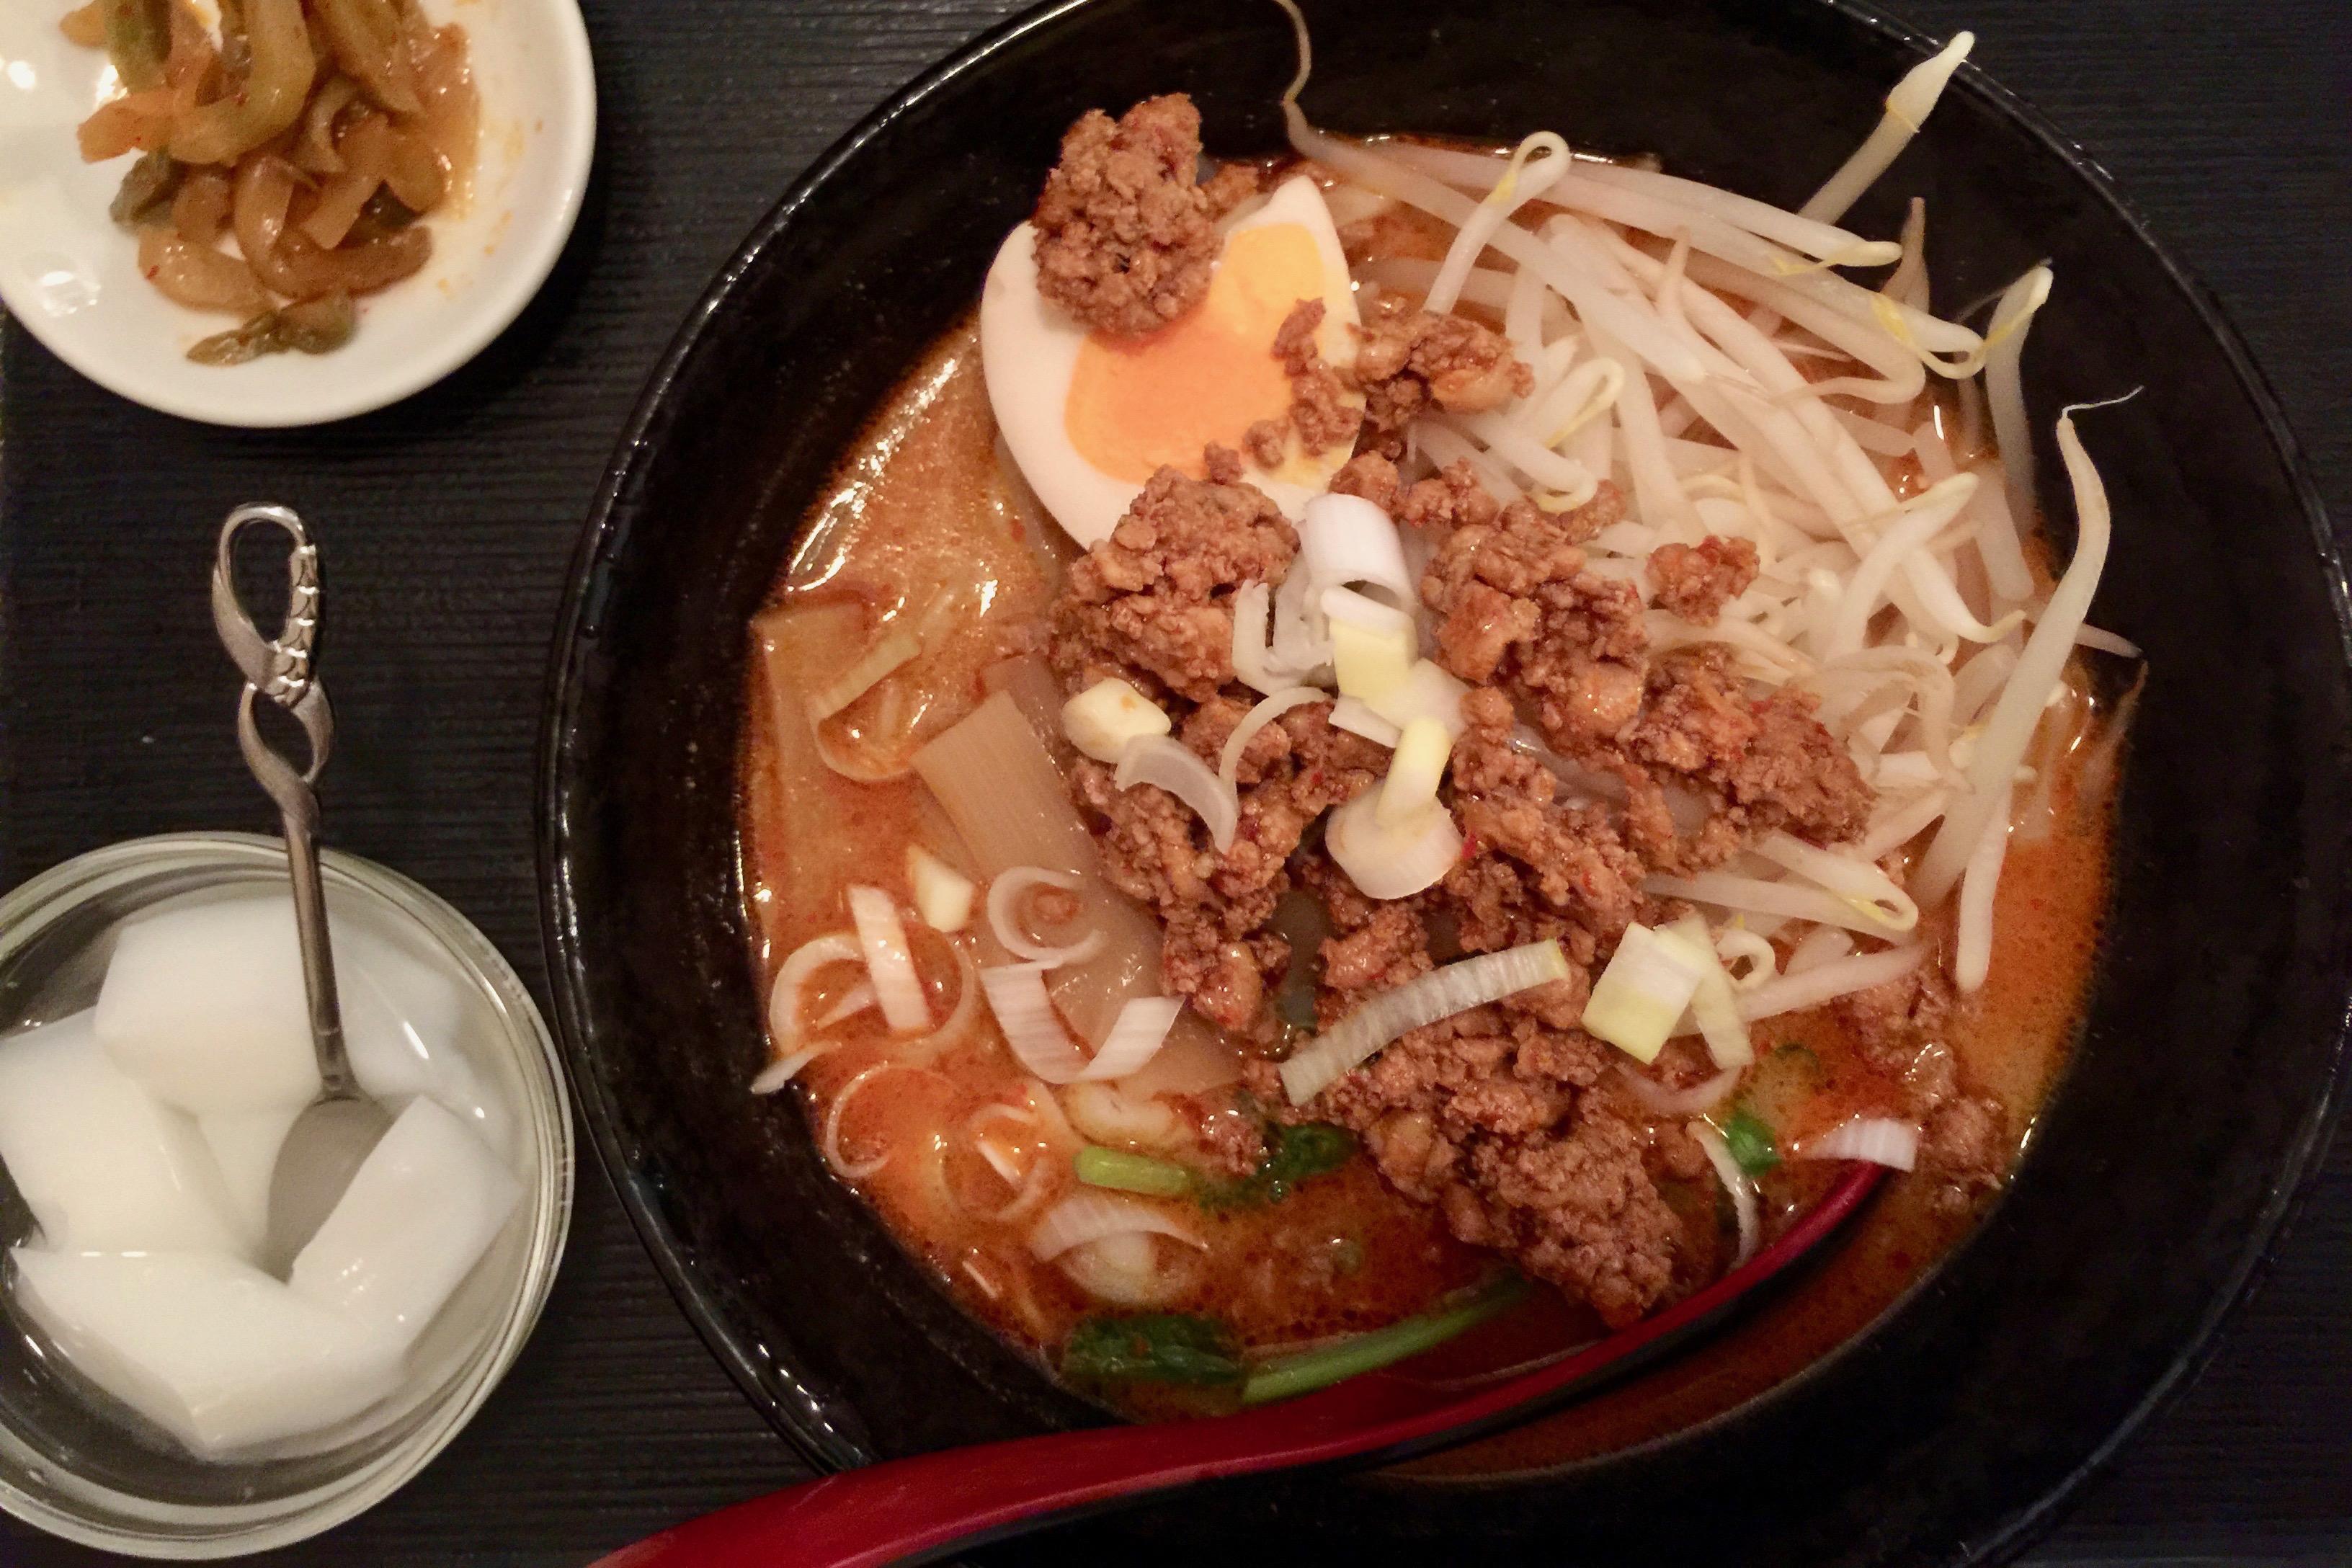 上海酒場代々木西口店の自家製担々麺(梅雨明け)